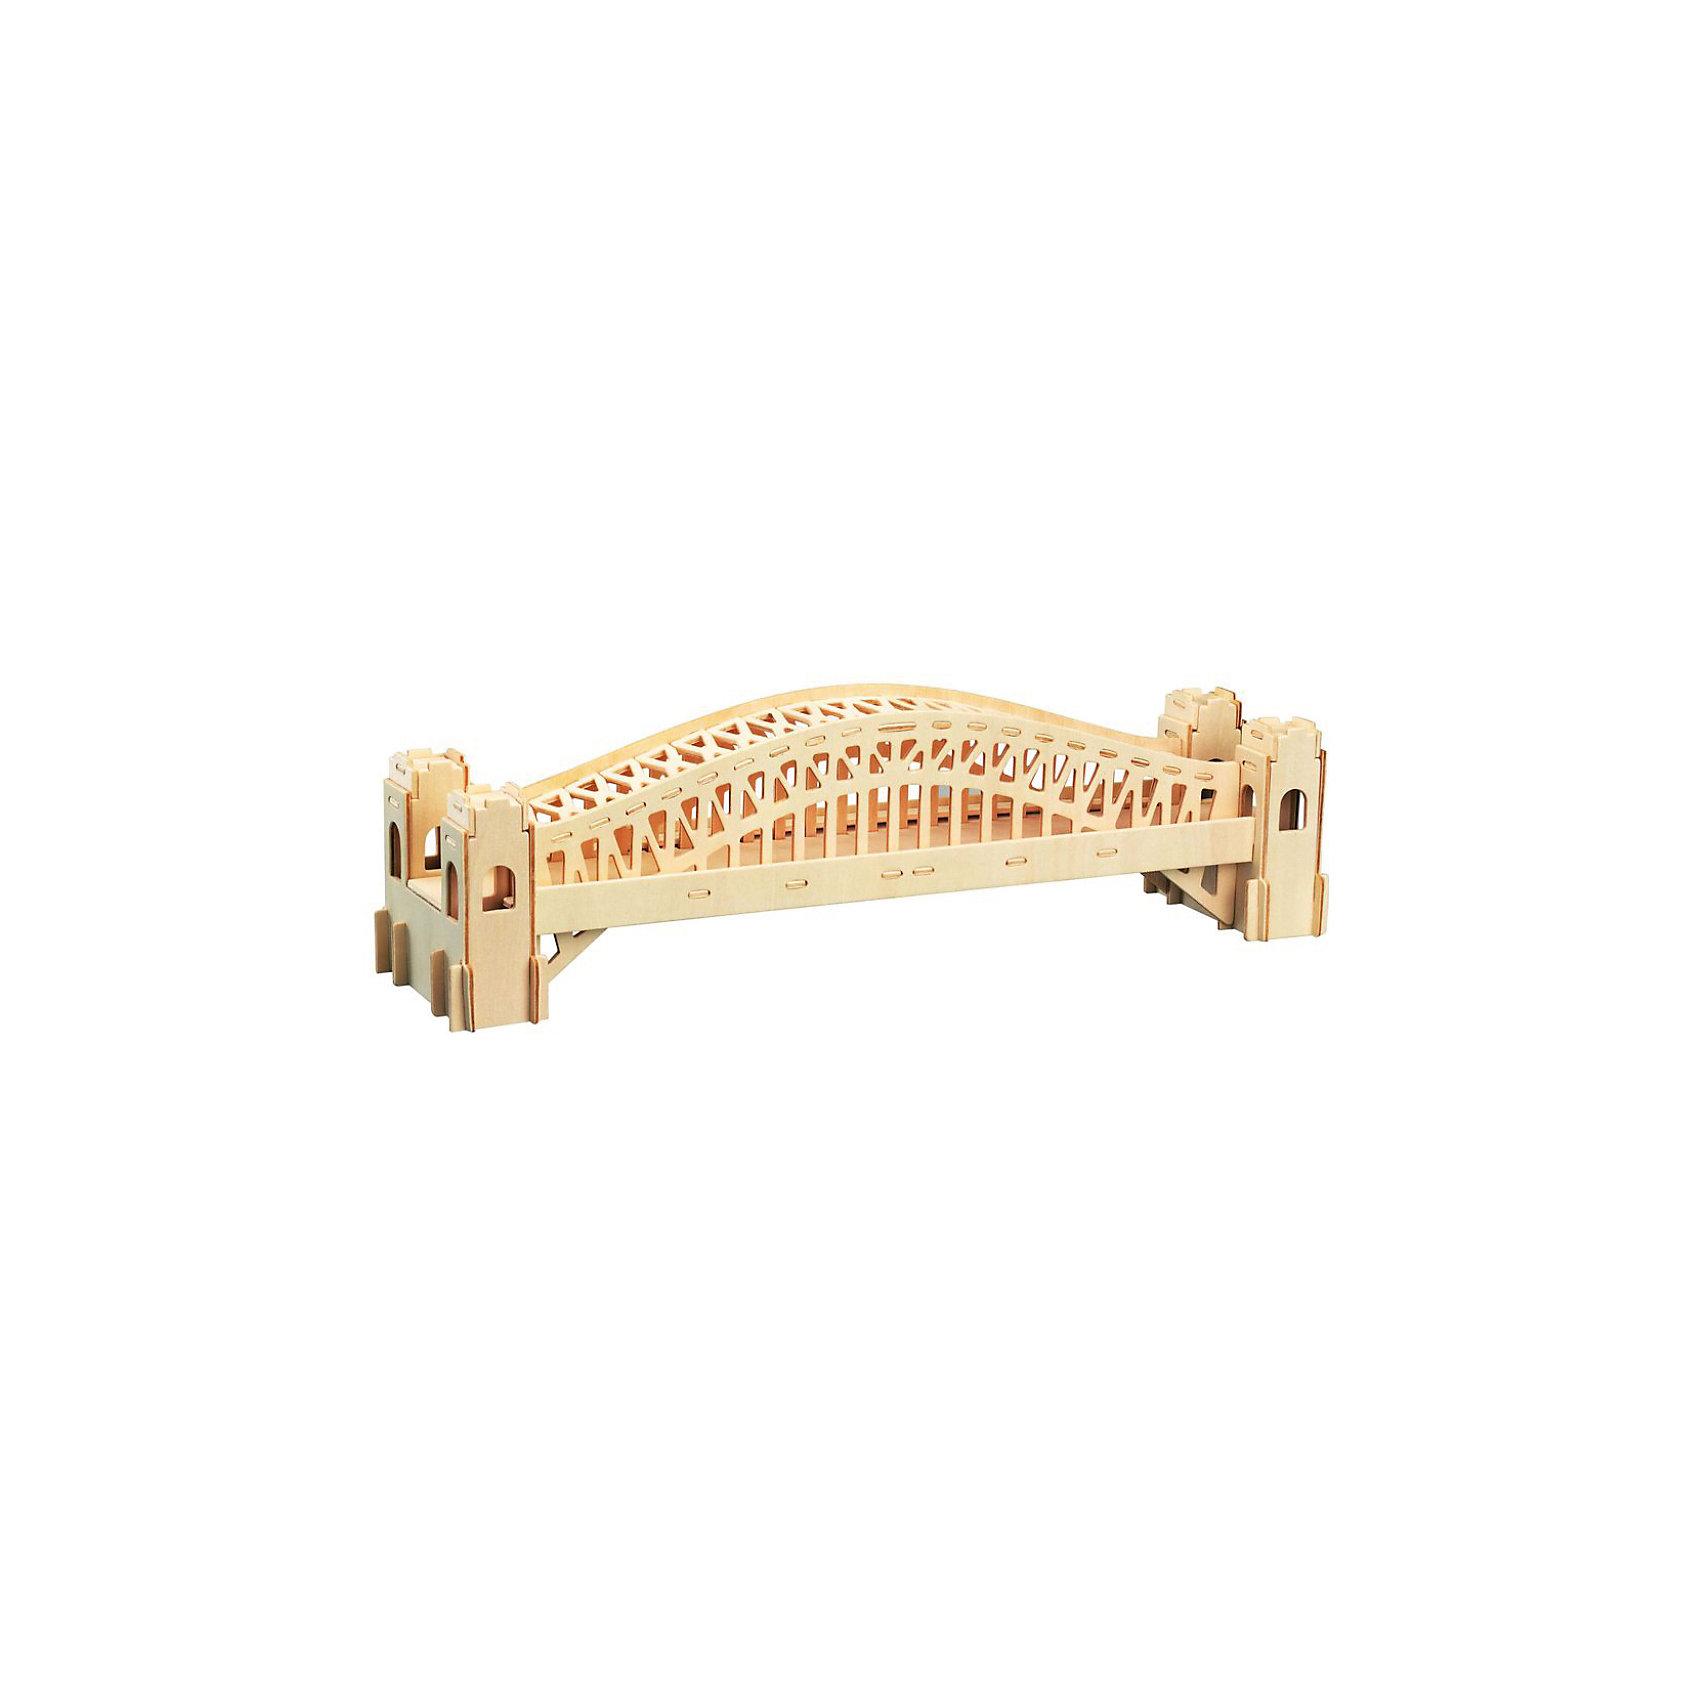 МДИ Сиднейский мост, Мир деревянных игрушек игрушка мир деревянных игрушек лабиринт слон д345